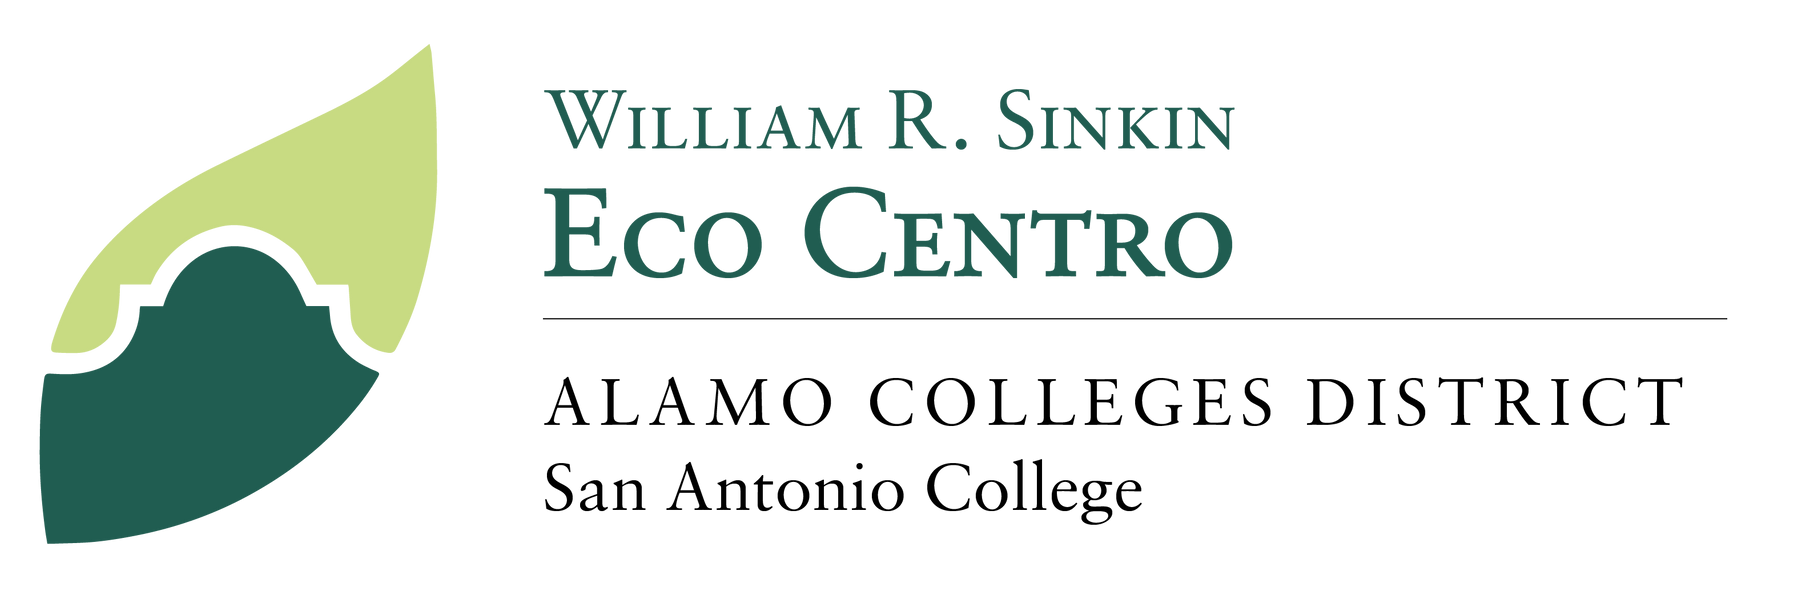 EcoLeafLogoStandard.png